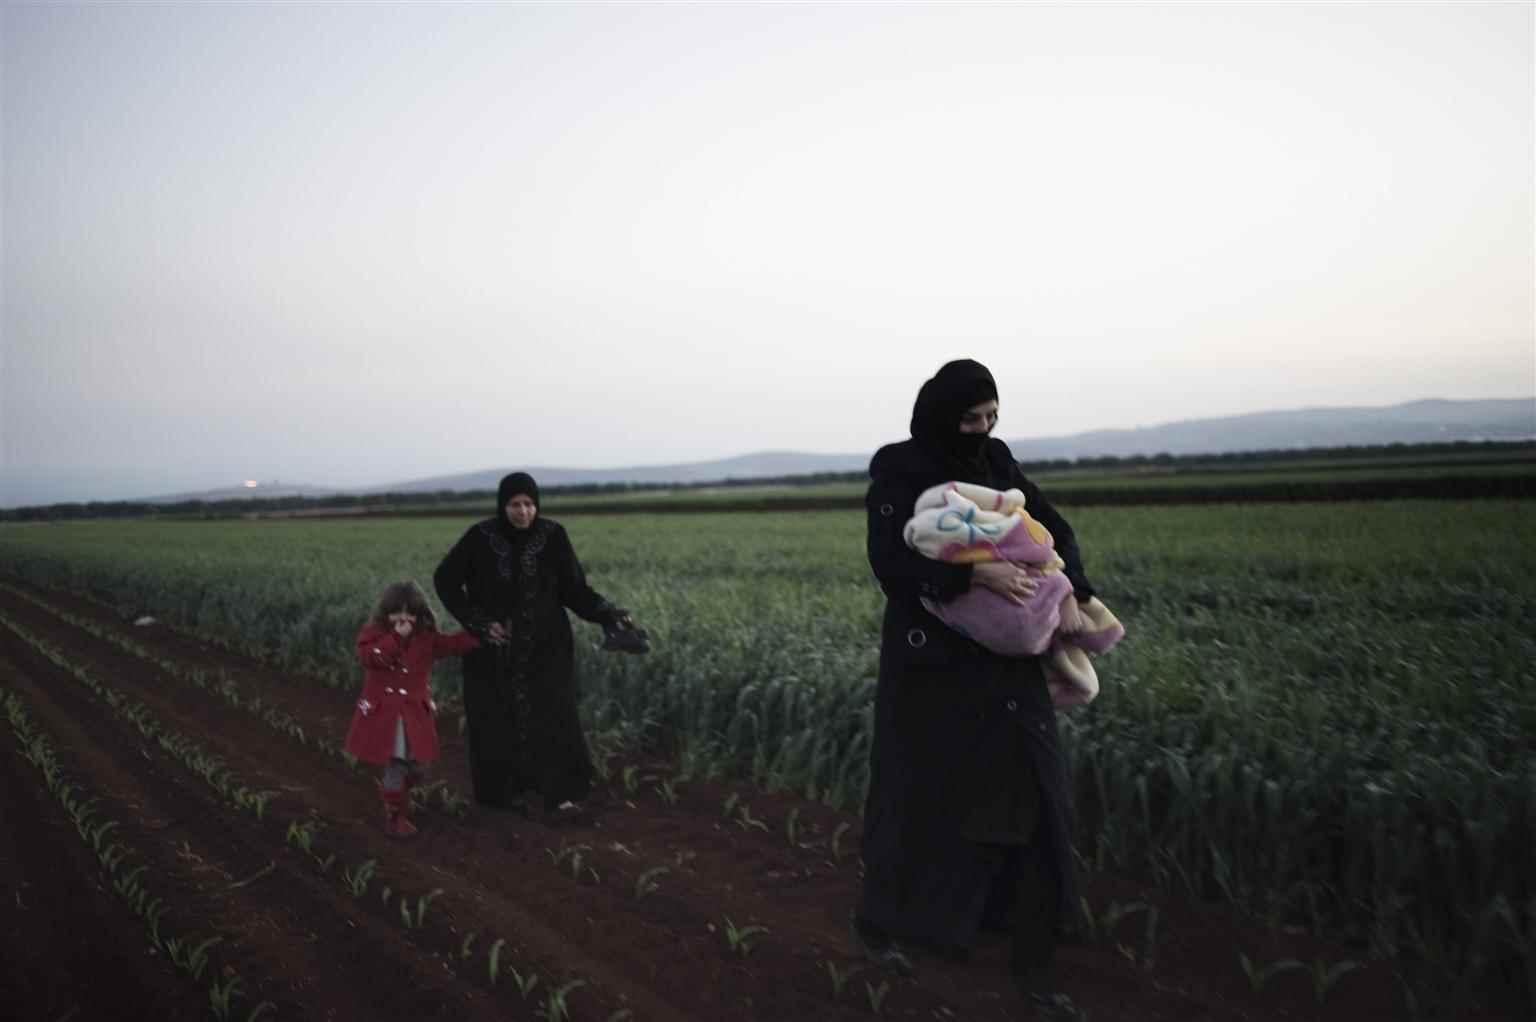 """أطفال ونساء يمشون في حقل محروث أثناء محاولتهم عبور الحدود للجوء إلى تركيا، ووفقًا إلى """"يونيسيف"""" فإنه بحلول تموز 2012، كان مليون و500 ألف شخص ، داخل سوريا في حاجة إلى المساعدة الإنسانية، واليوم وصل هذا الرقم إلى 11 مليون و700 ألف شخص- نيسان 2012 (يونيسيف)"""